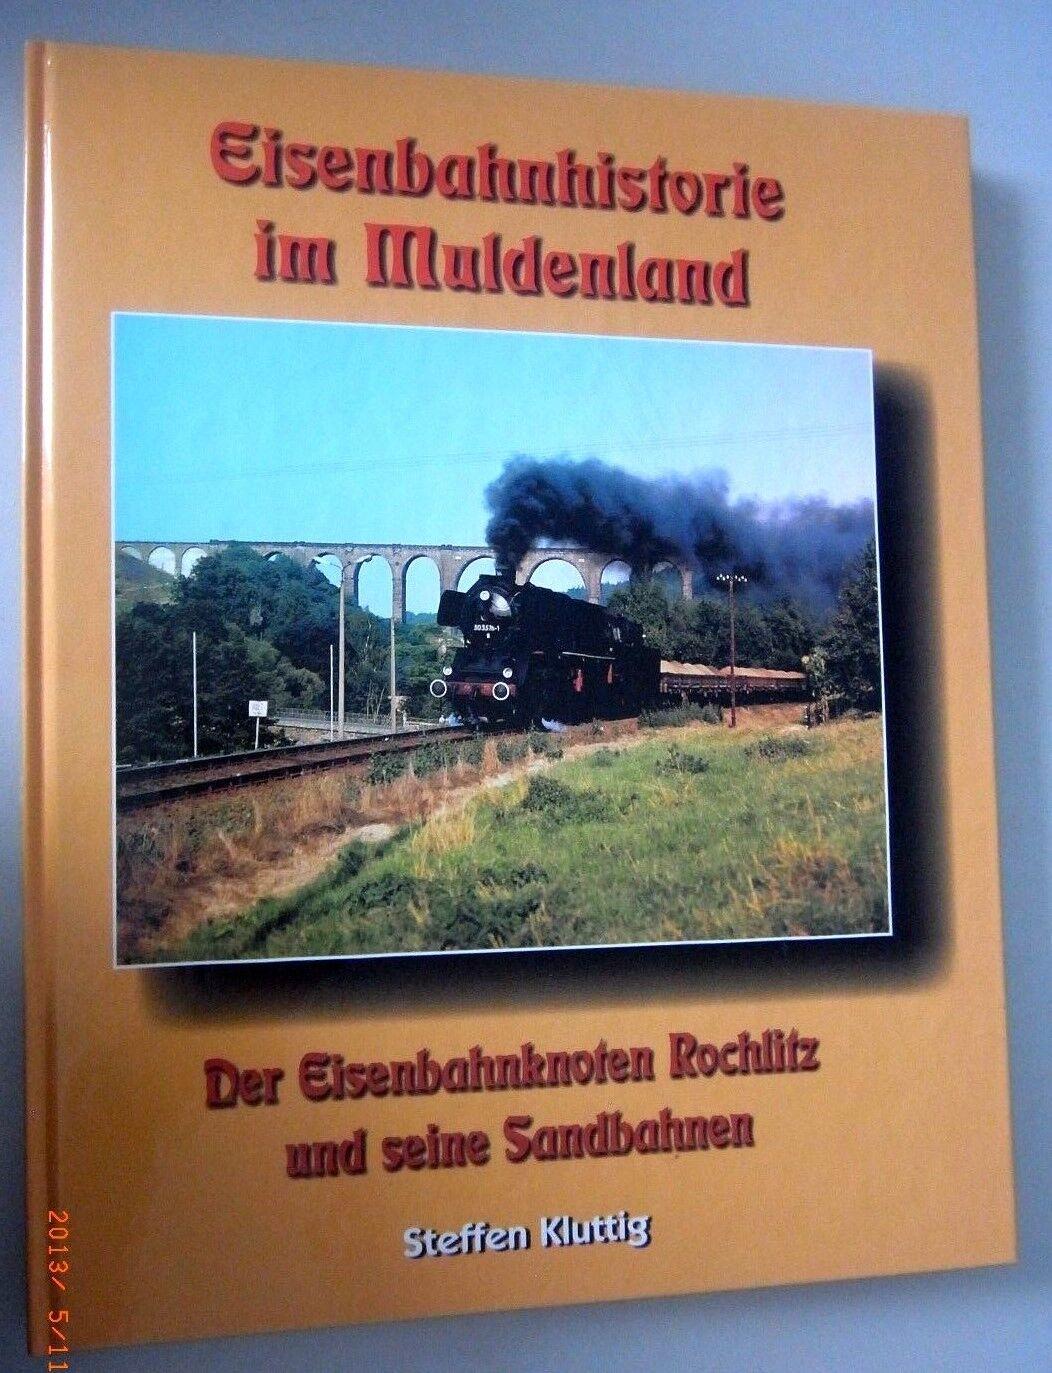 Eisenbahnknoten Rochlitz and his sandbahnen  eisenbahnhistorie muldenland